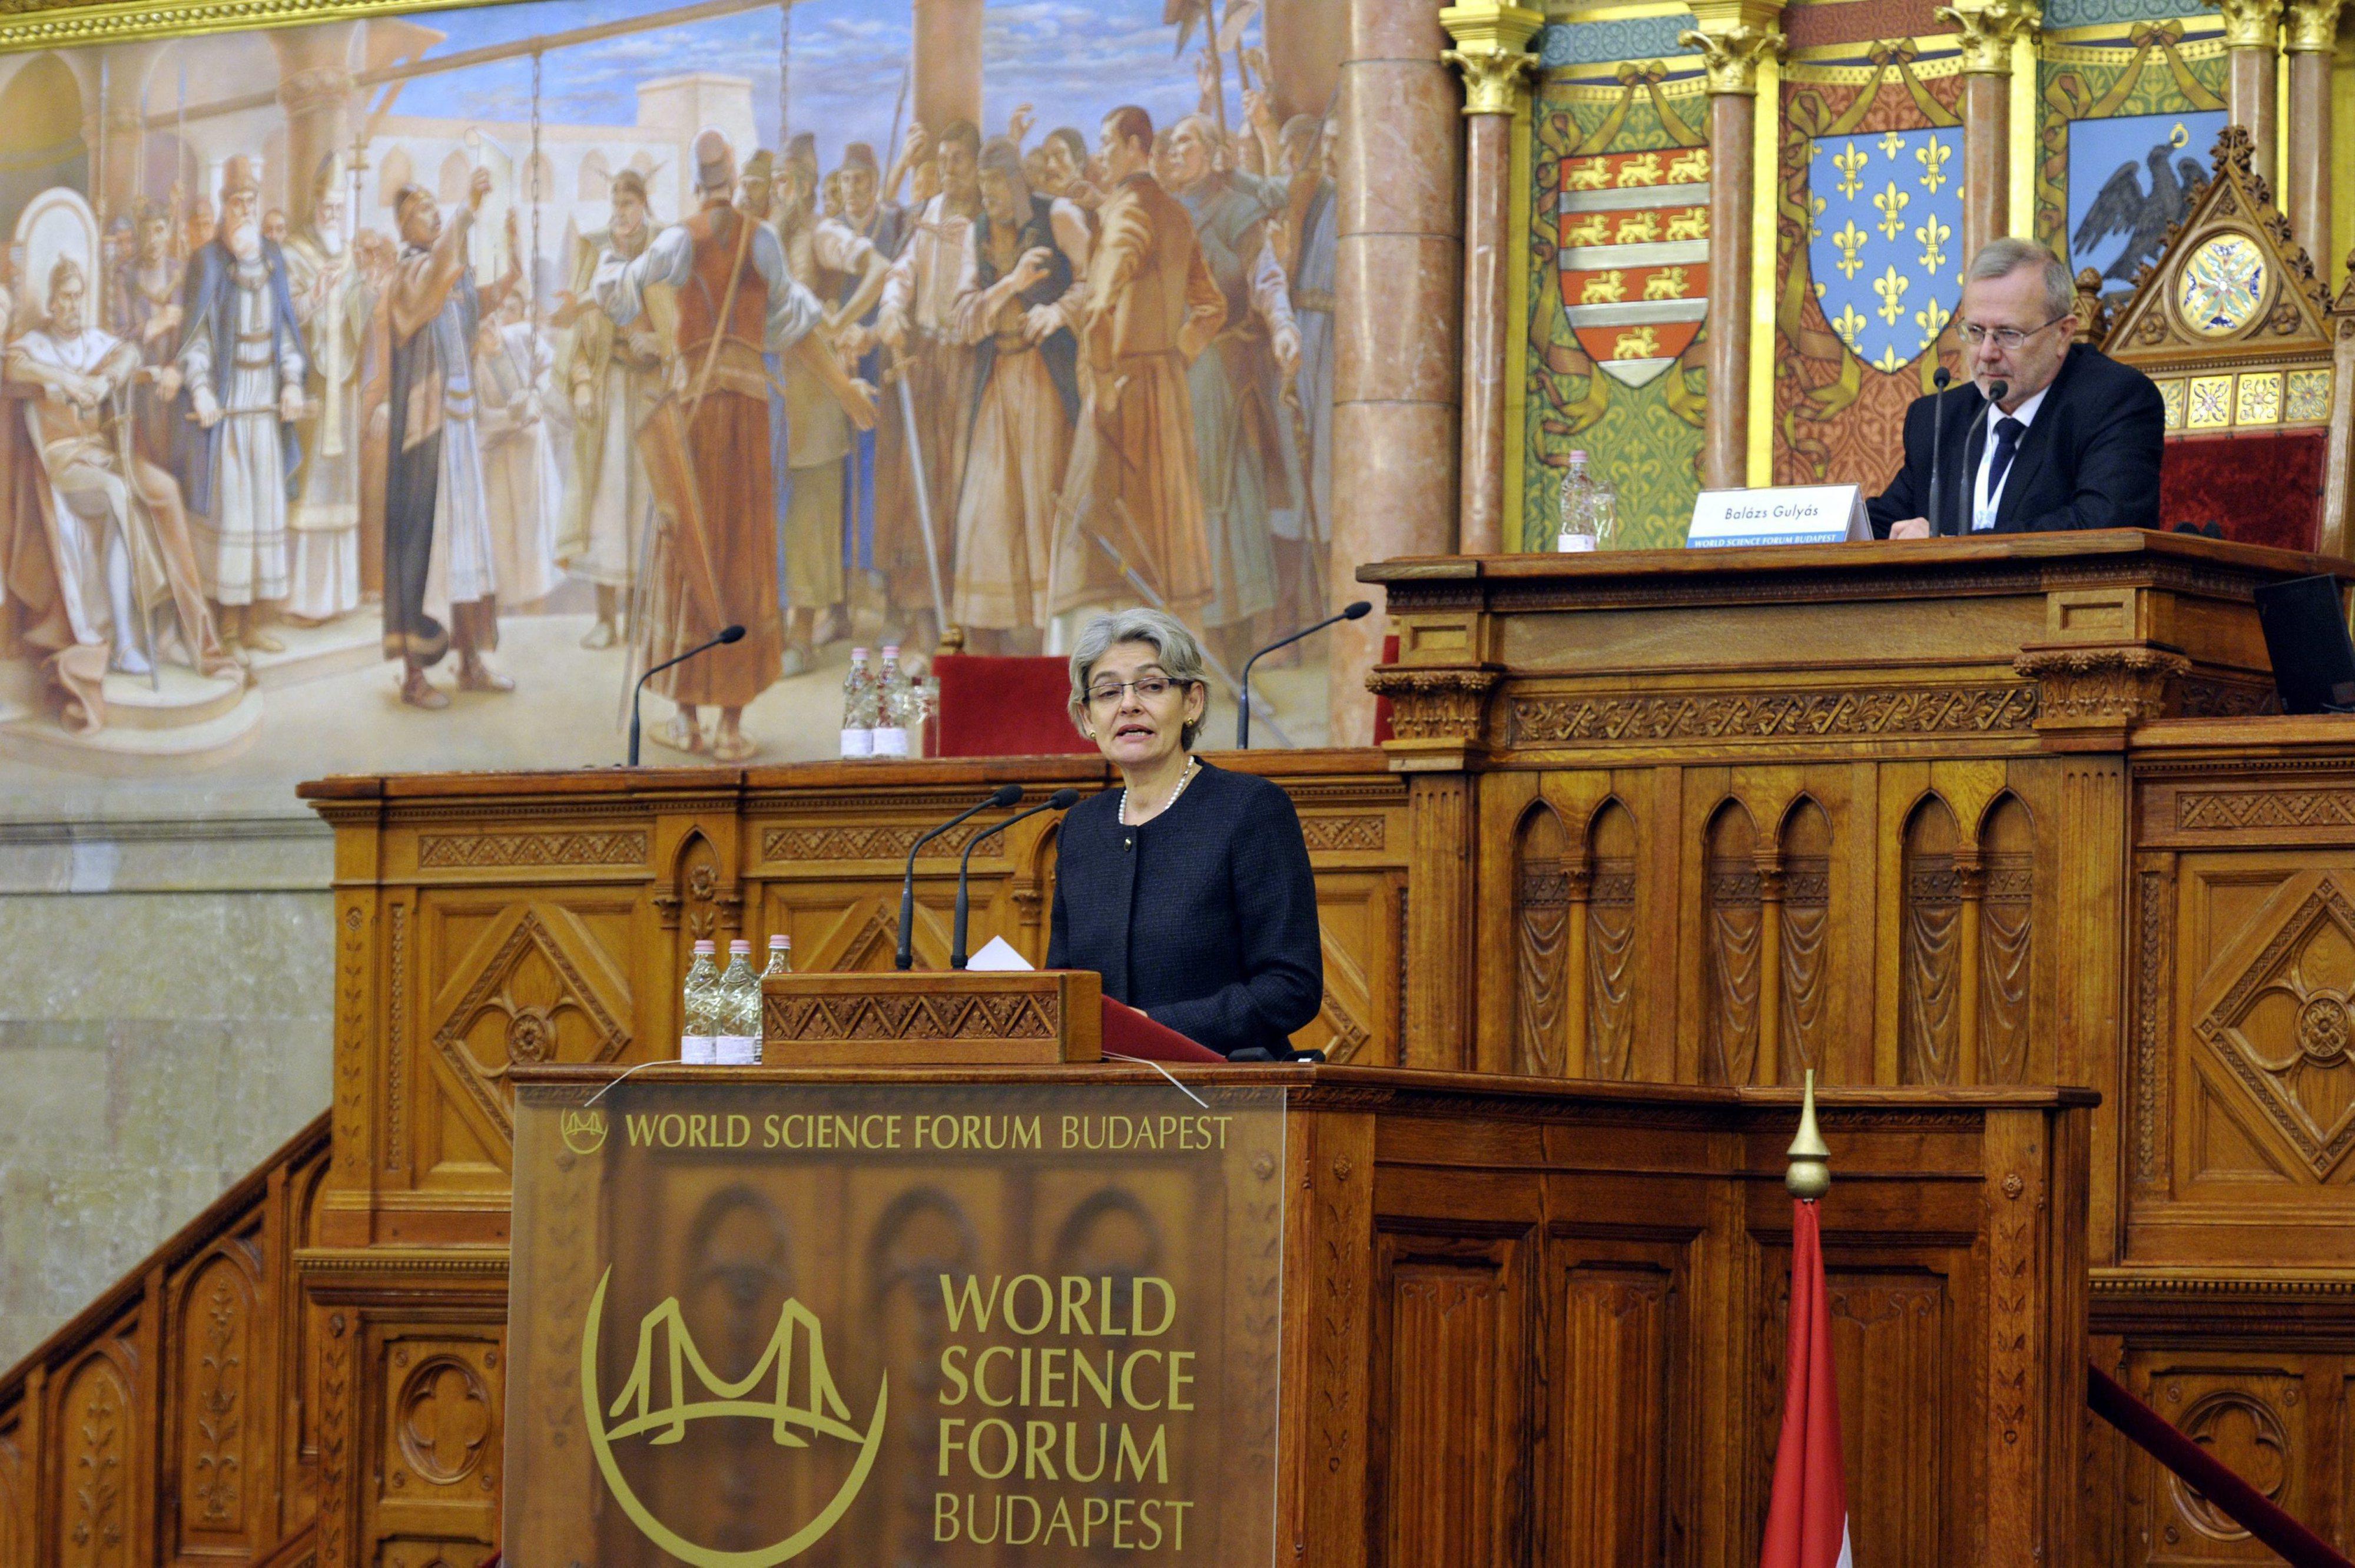 Bulgária anuncia candidatura de Irina Bukova a secretária-geral da ONU